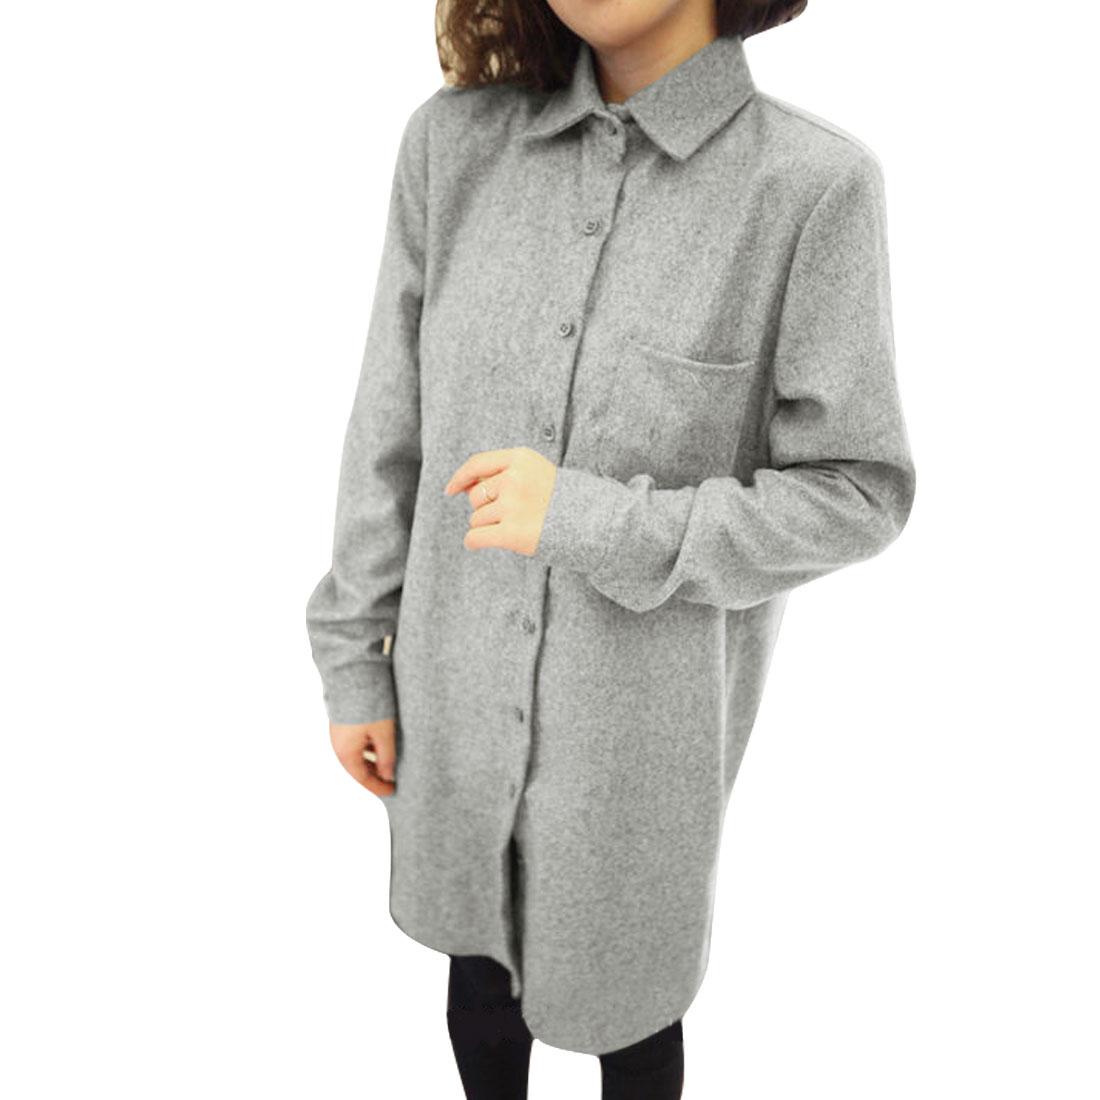 Women Point Collar Button Up Soft Shirt Light Gray S